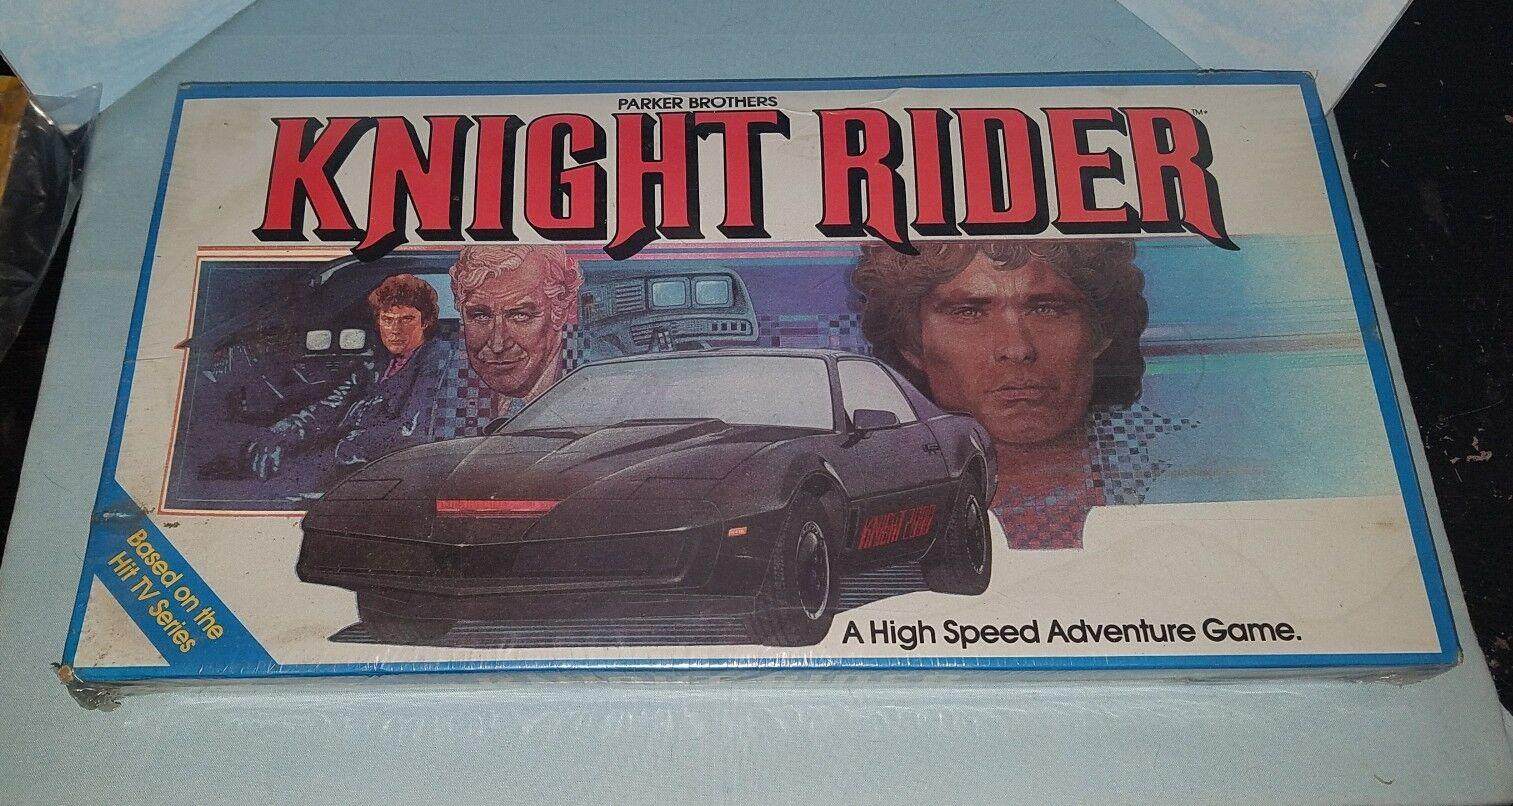 Knight rider 1983 parker brothers brettspiel   in plastik versiegelt